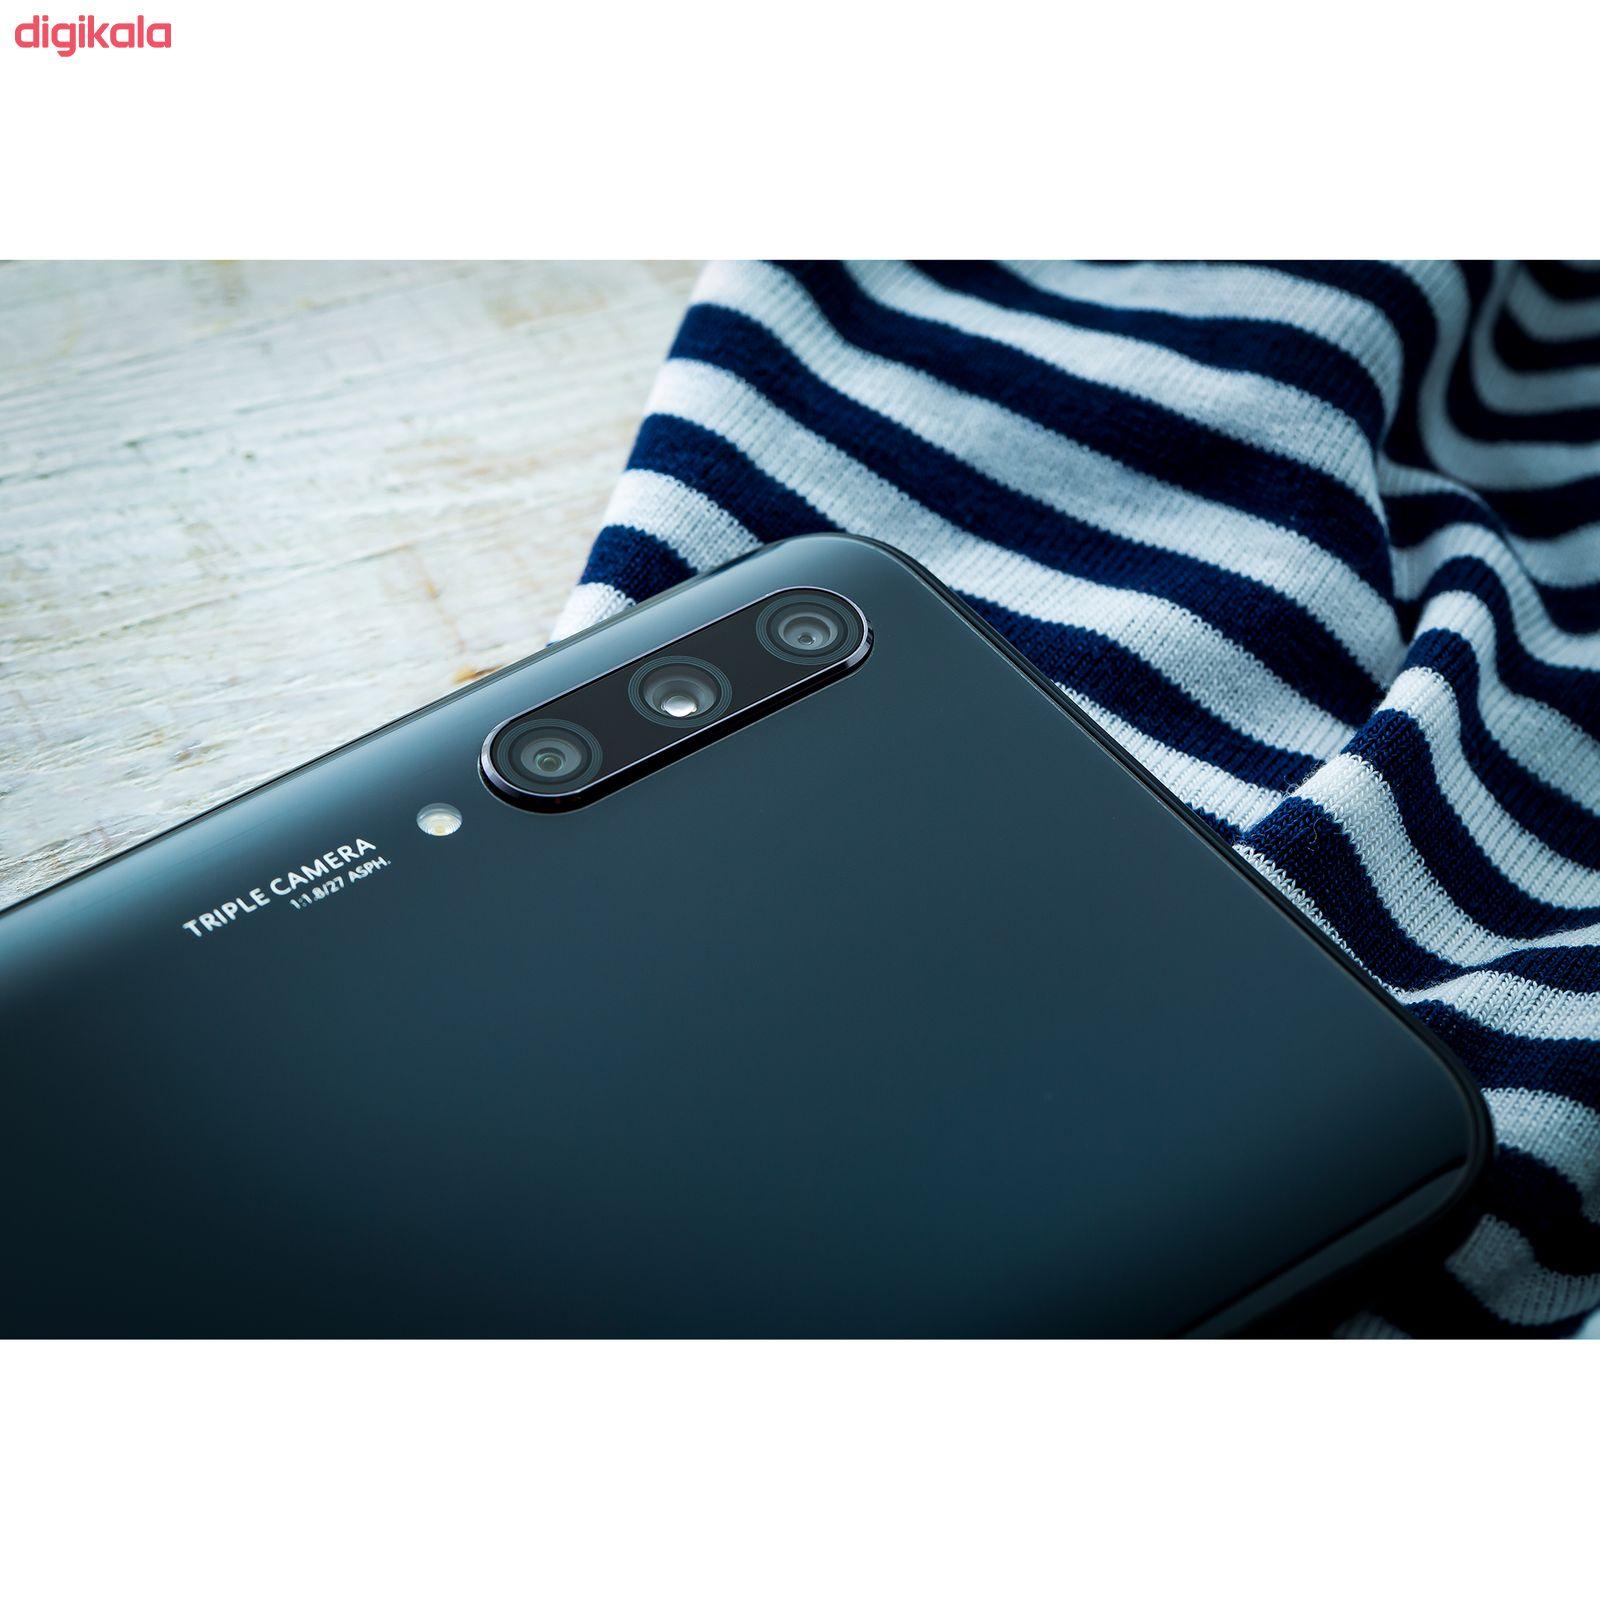 گوشی موبایل هوآوی مدل Y9s STK-L21 دو سیم کارت ظرفیت 128 گیگابایت main 1 25